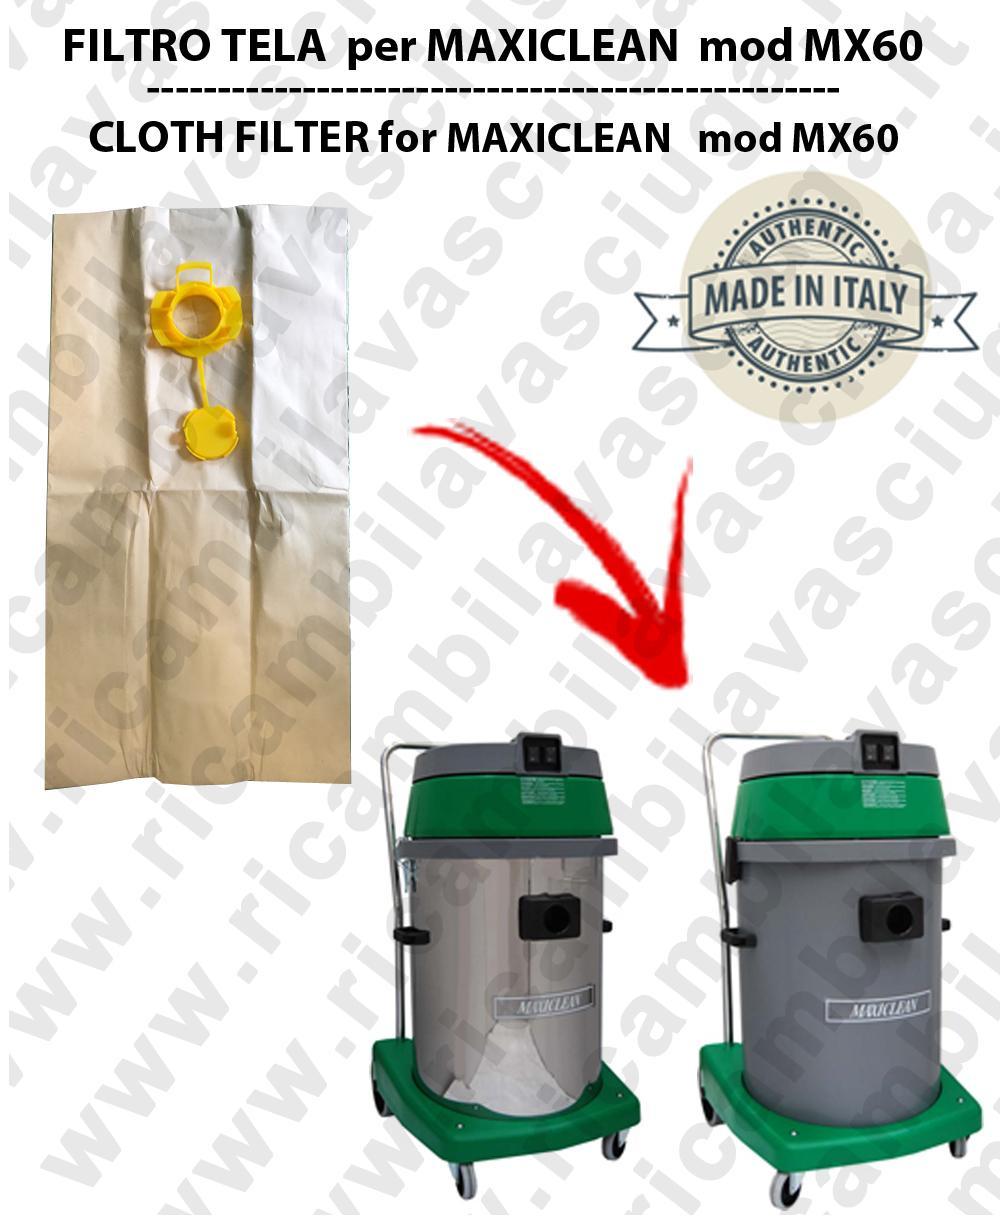 Sac en papier litres 19 avec bouchon pour MAXICLEAN mod MX 60 conf. 10 piéces - aspirateurs SYNCLEAN